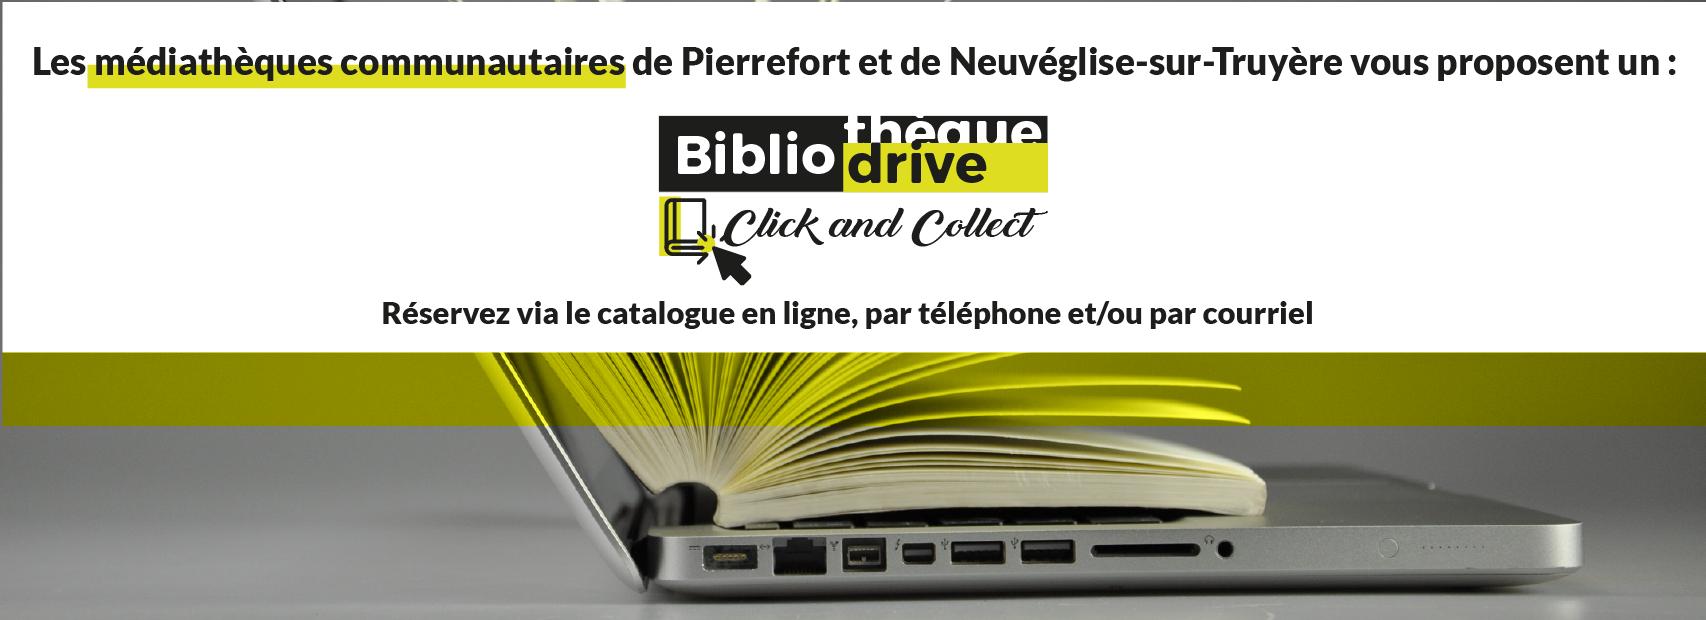 biblio drive médiathèques communautaires saint-flour communauté pierrefort neuvéglise